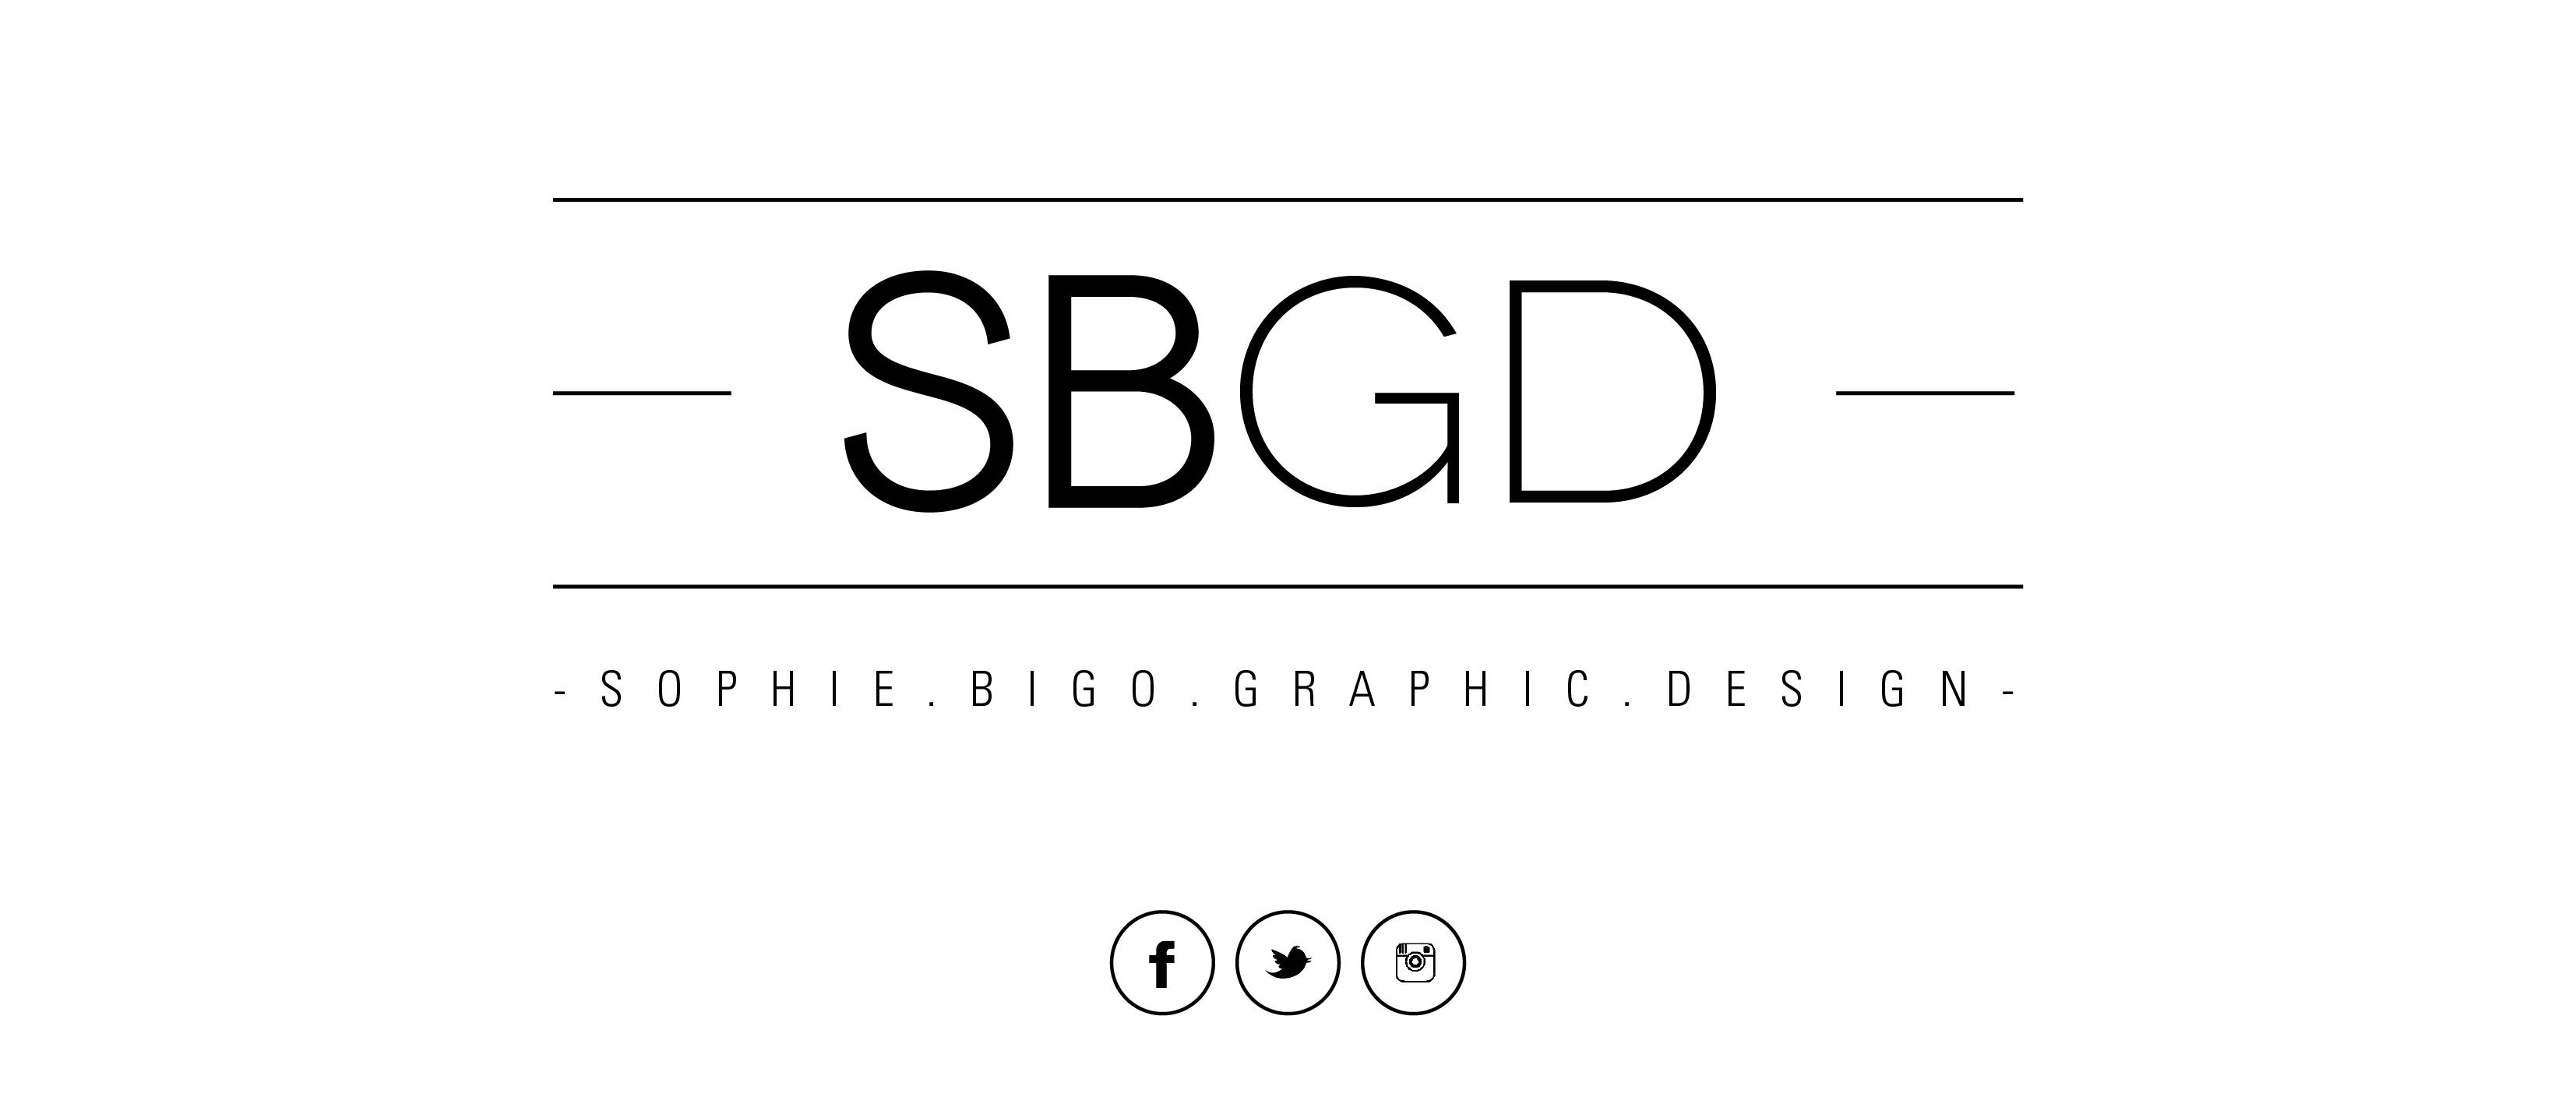 SBGD Sophie Bigo